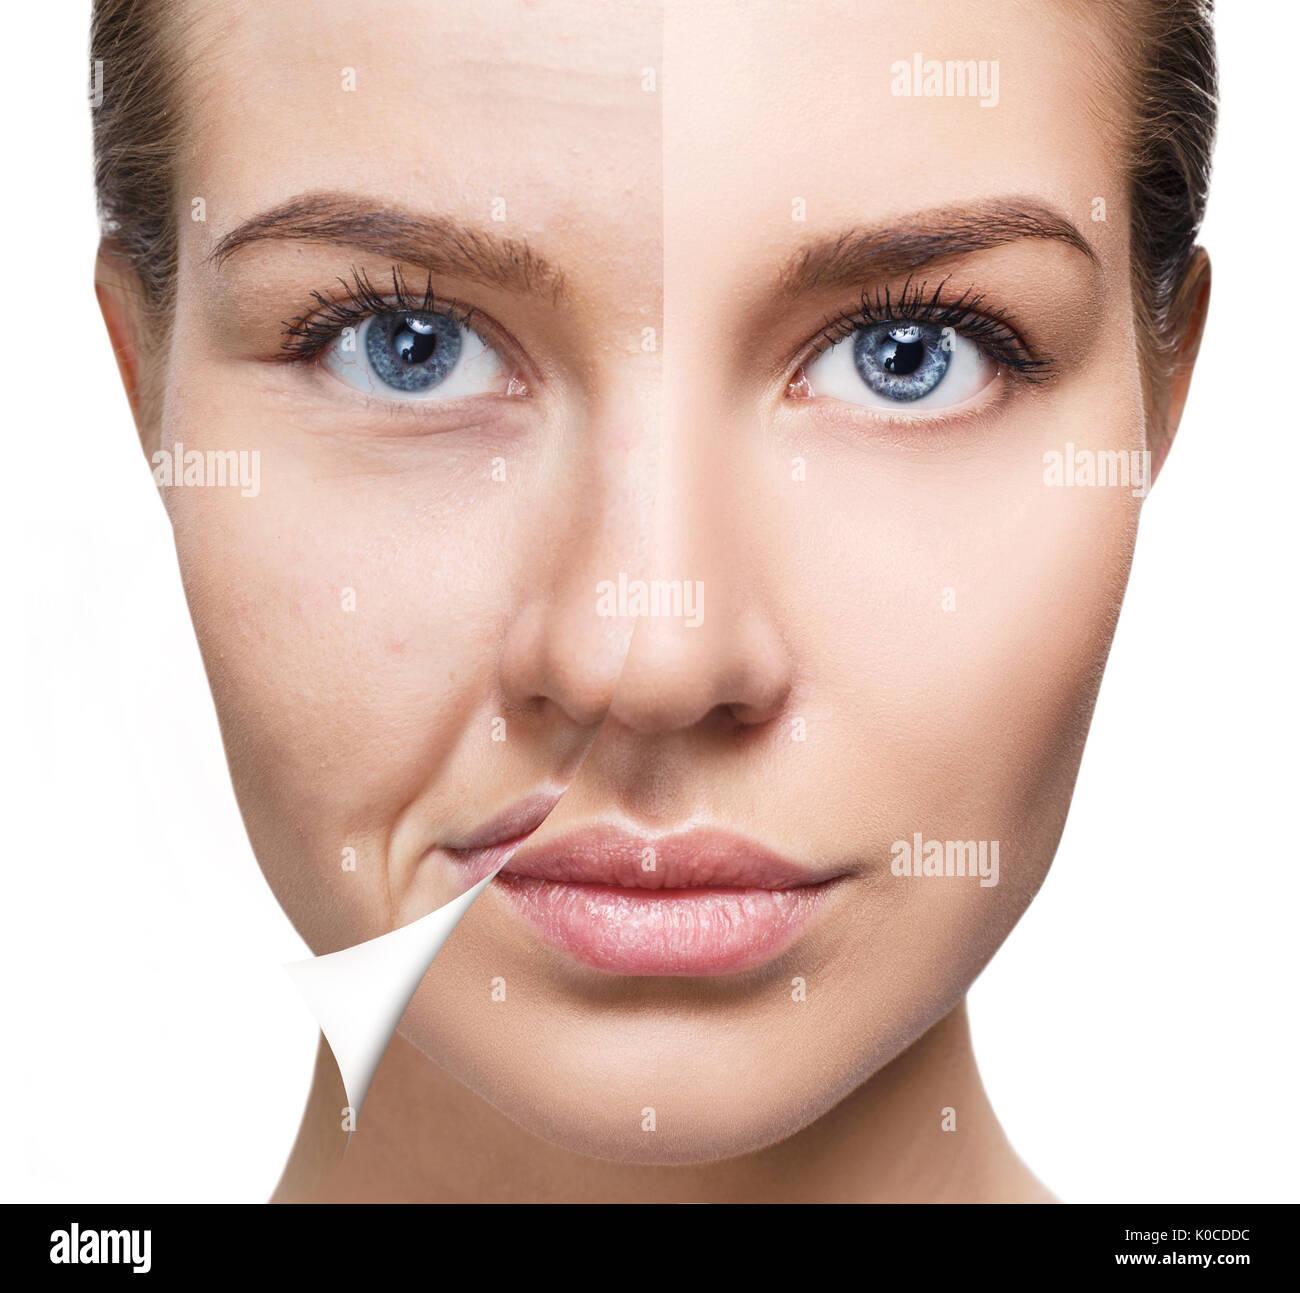 f21ba72f967a Gesicht der Frau vor und nach der Verjüngung Stockfoto, Bild ...